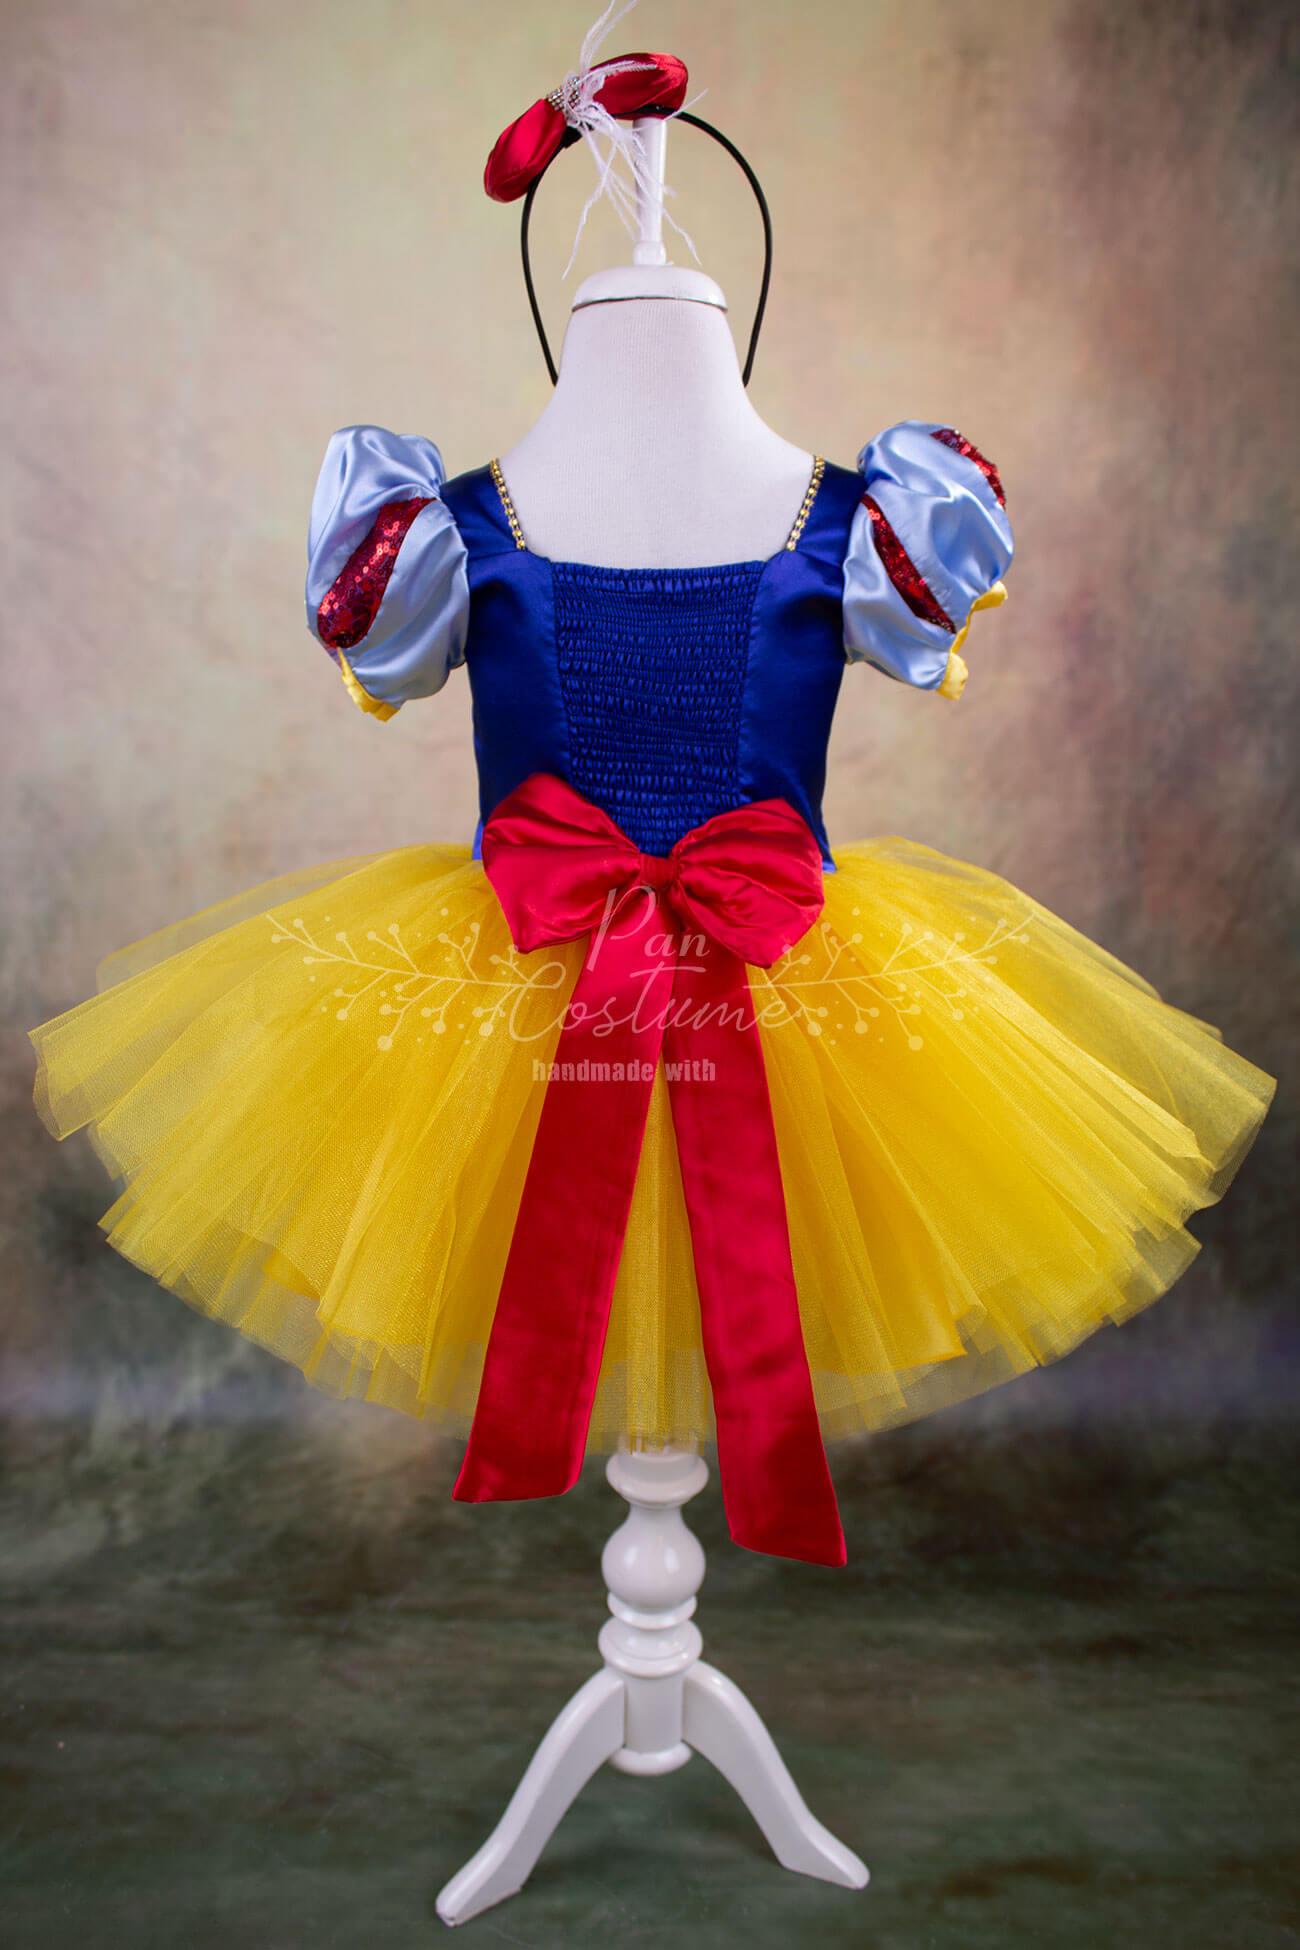 Snow White Mini Tutu Outfit Yellow Skirt